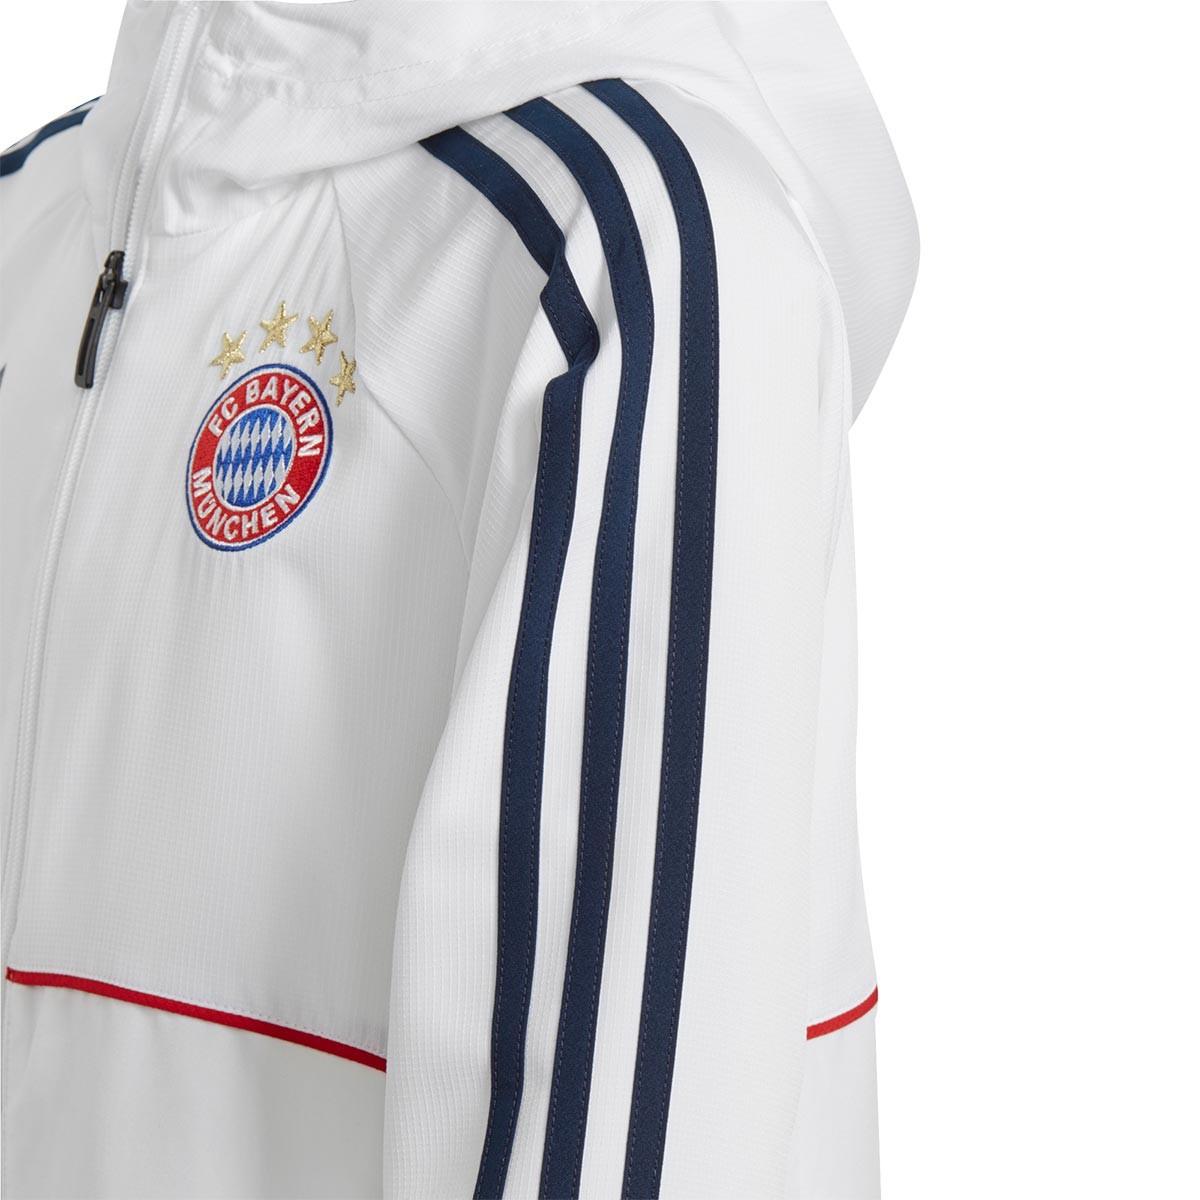 1afee03ceef90 Chamarra adidas FC Bayern Munich Pre-Match 2017-2018 Niño White-Collegiate  navy - Tienda de fútbol Fútbol Emotion